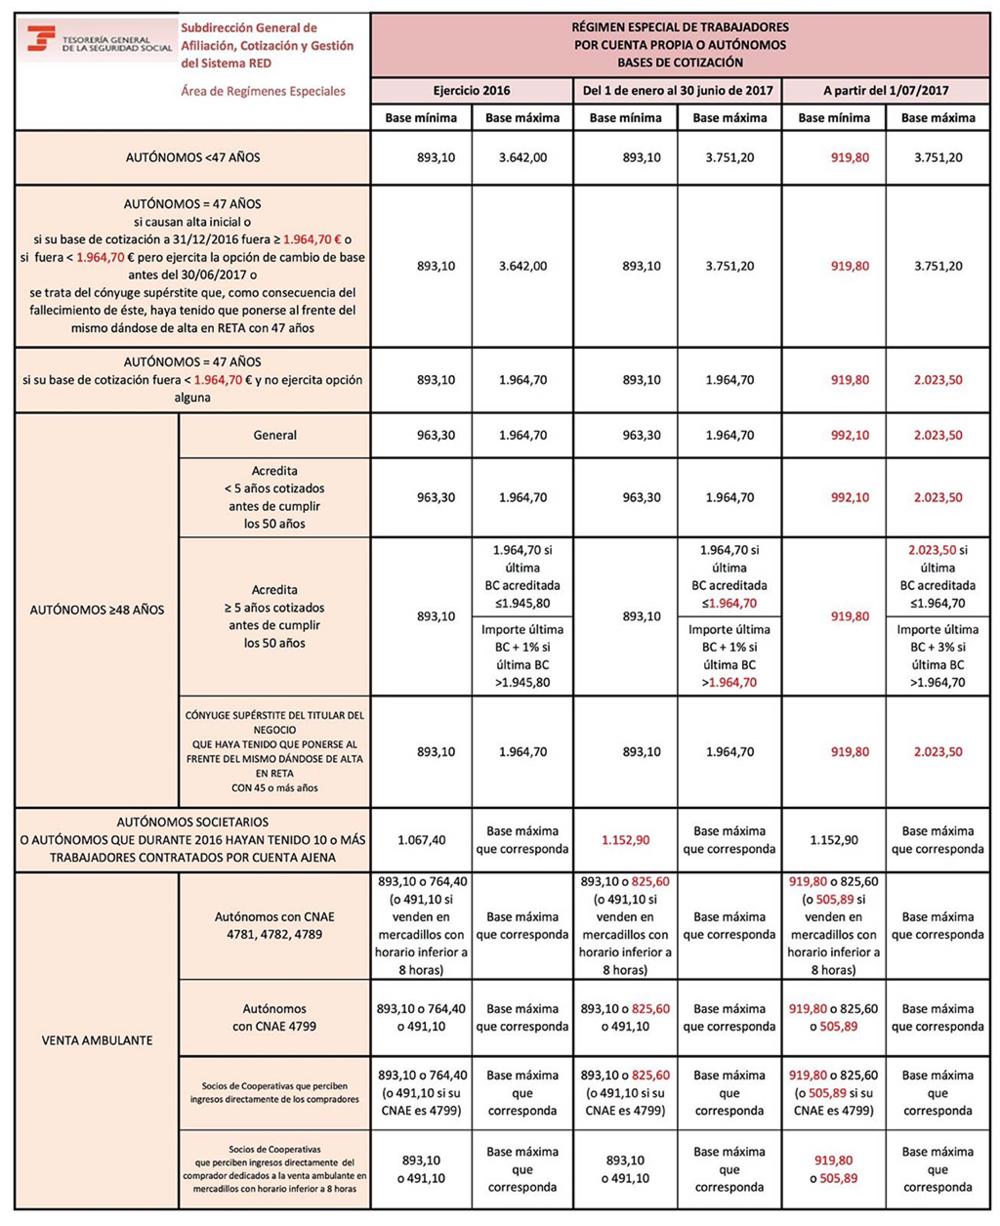 Cuadro-Bases-de-Cotización-RETA-2017.png